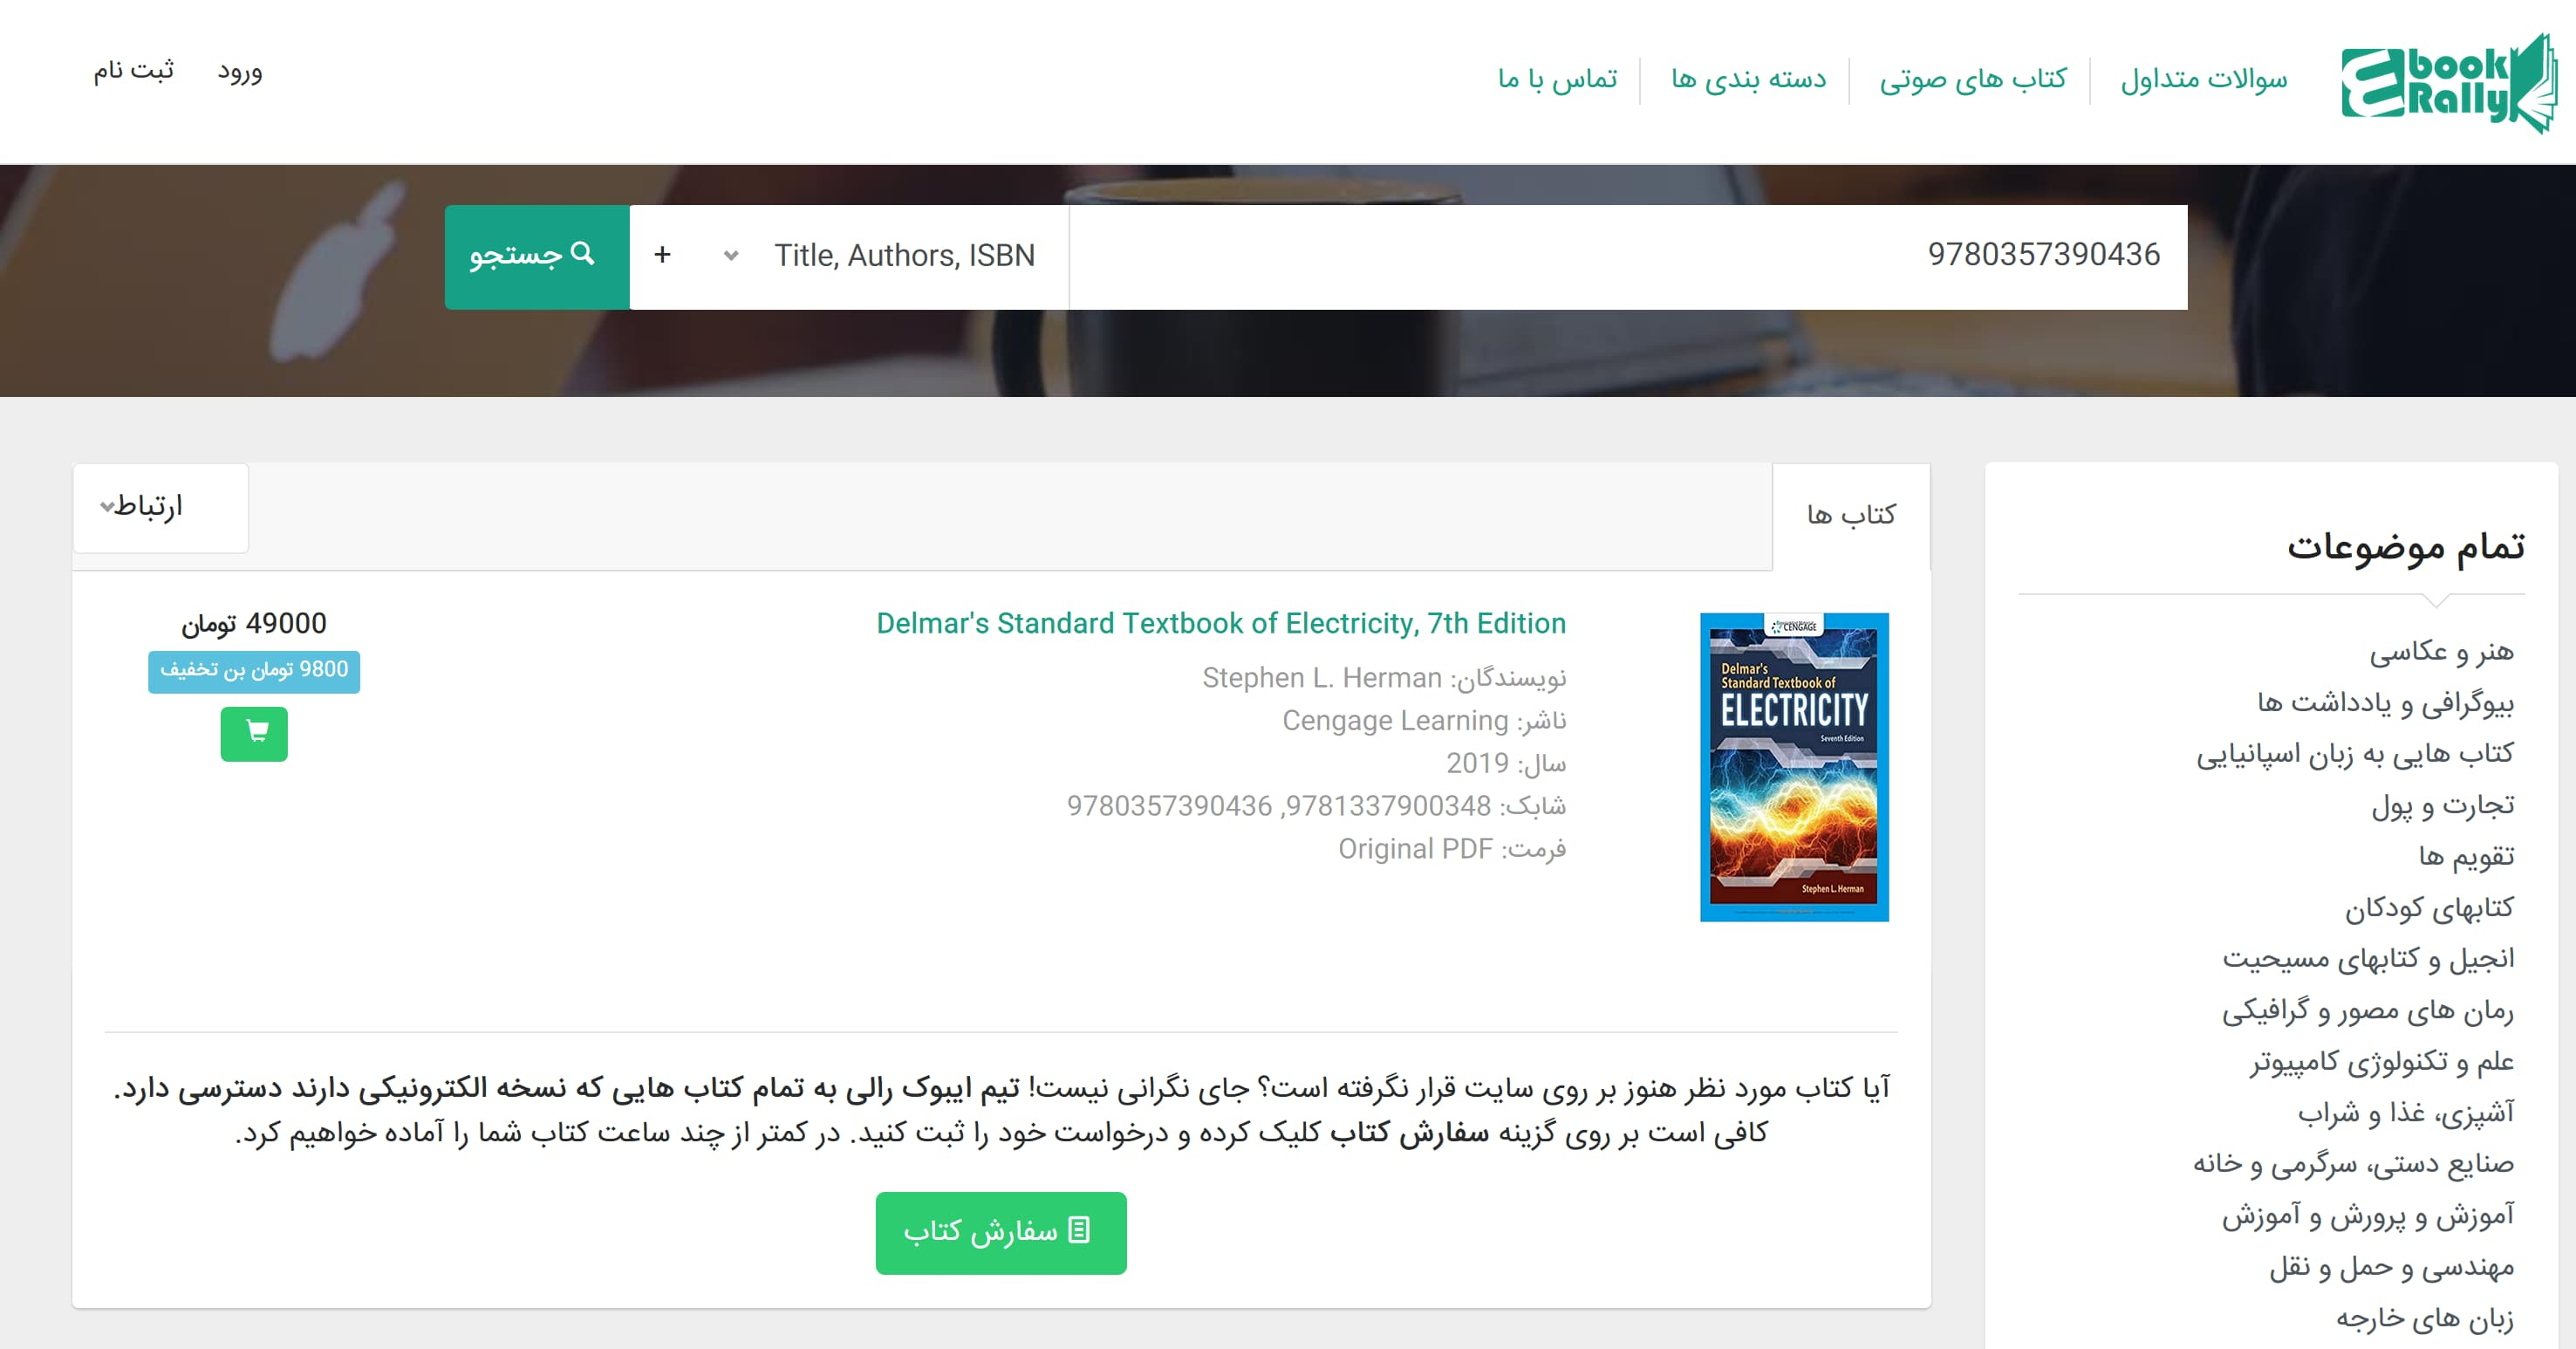 دانلود کتاب با ISBN